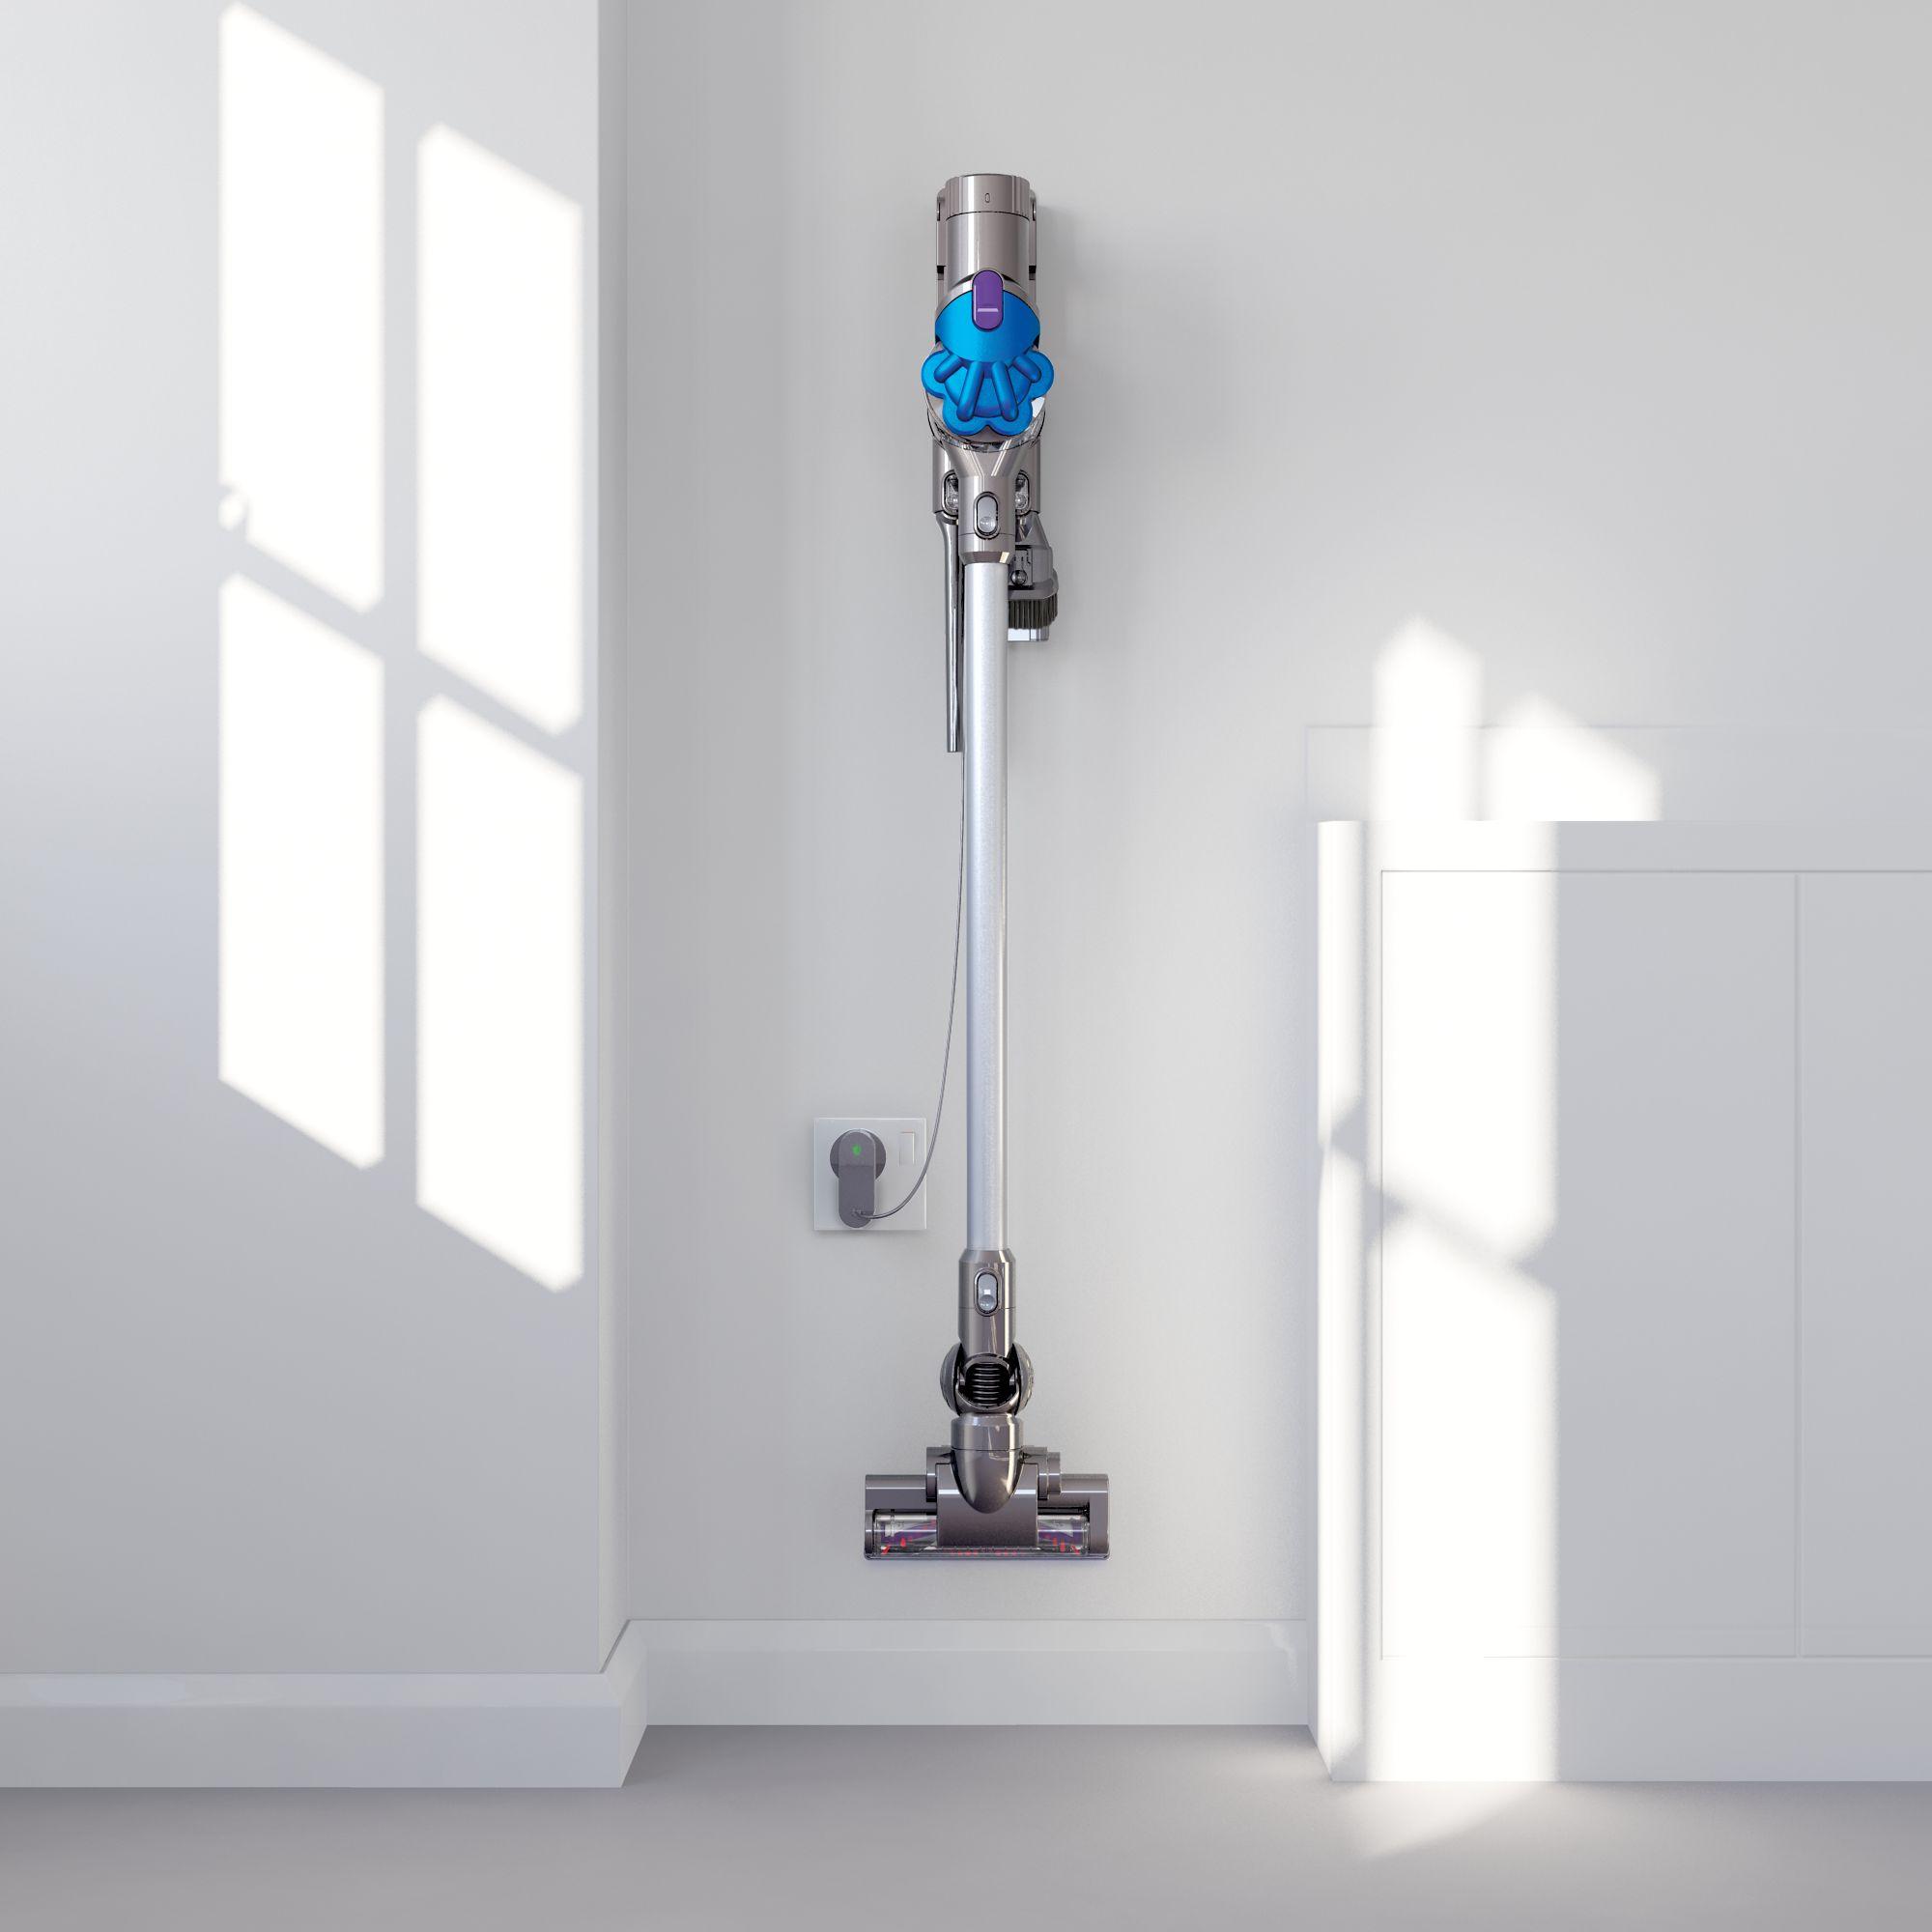 Dyson DC35 Digital Slim Multi Floor Vacuum CLOSEOUT